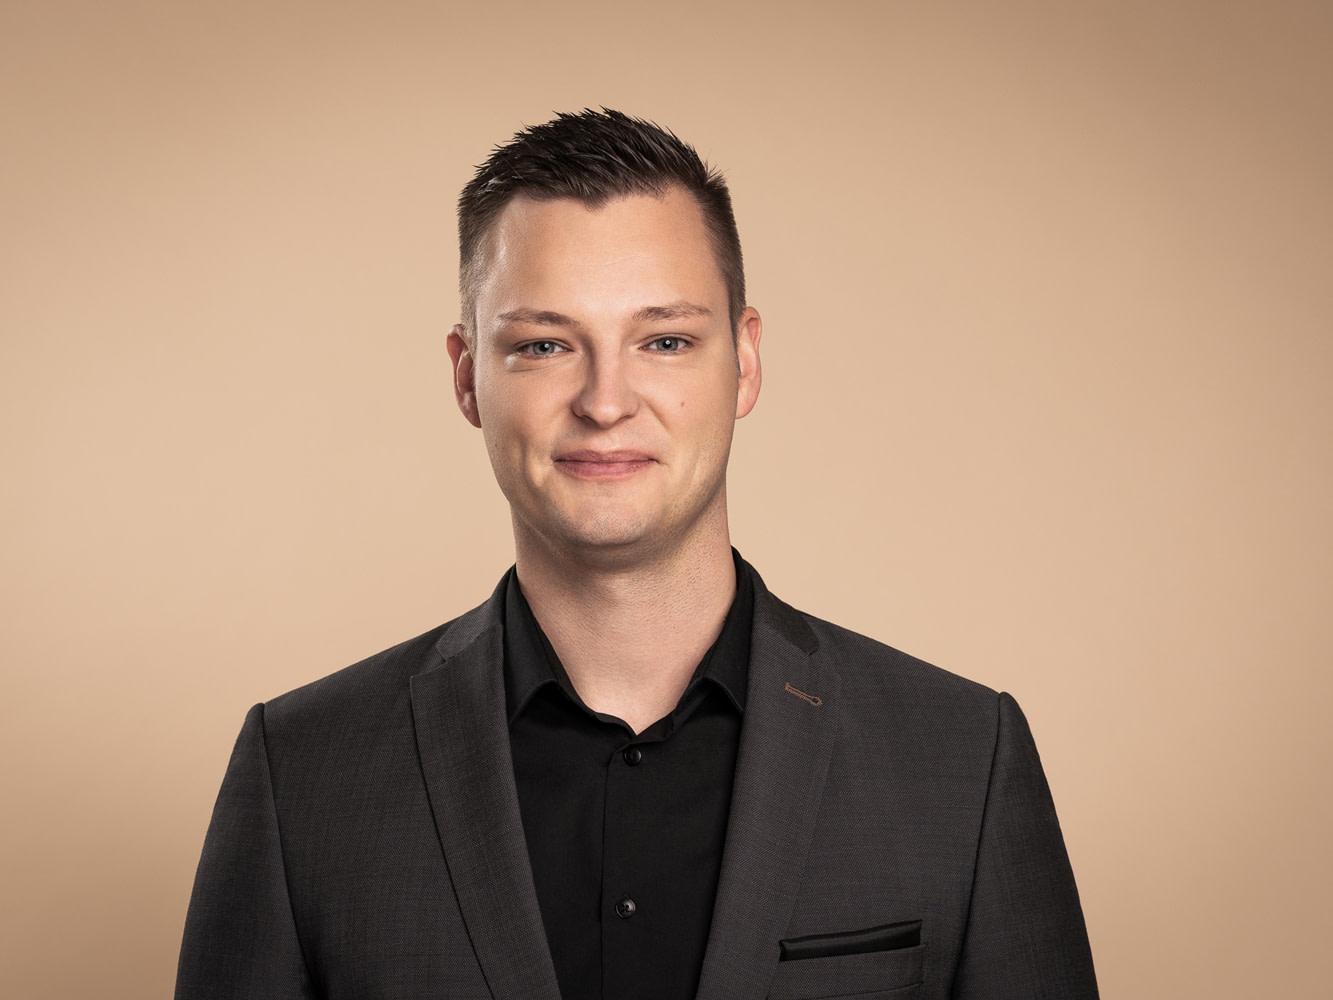 Stefan Sprung